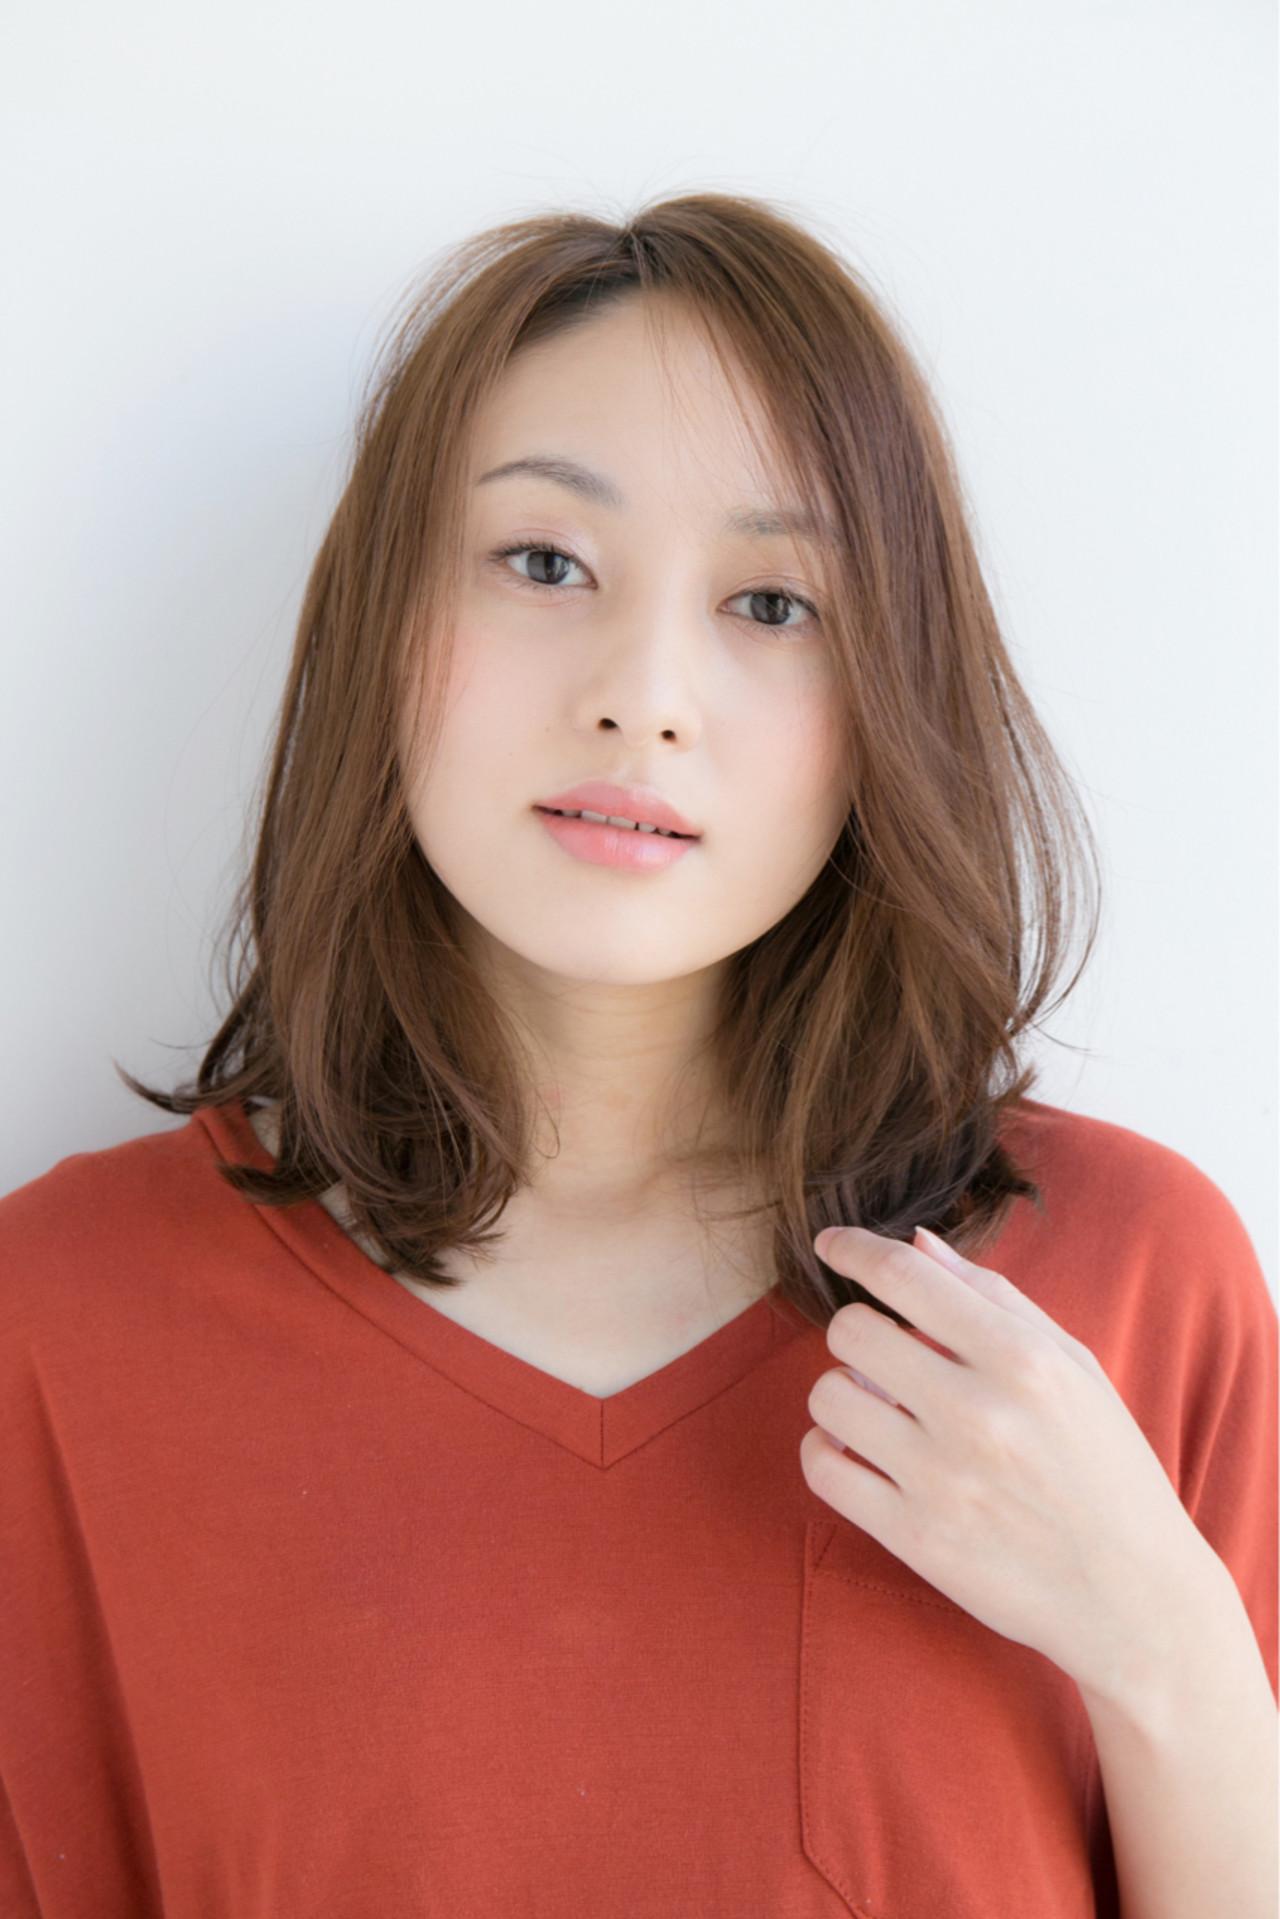 色気 デート ミディアム オフィス ヘアスタイルや髪型の写真・画像 | 松下哲士 / GARDEN aoyama